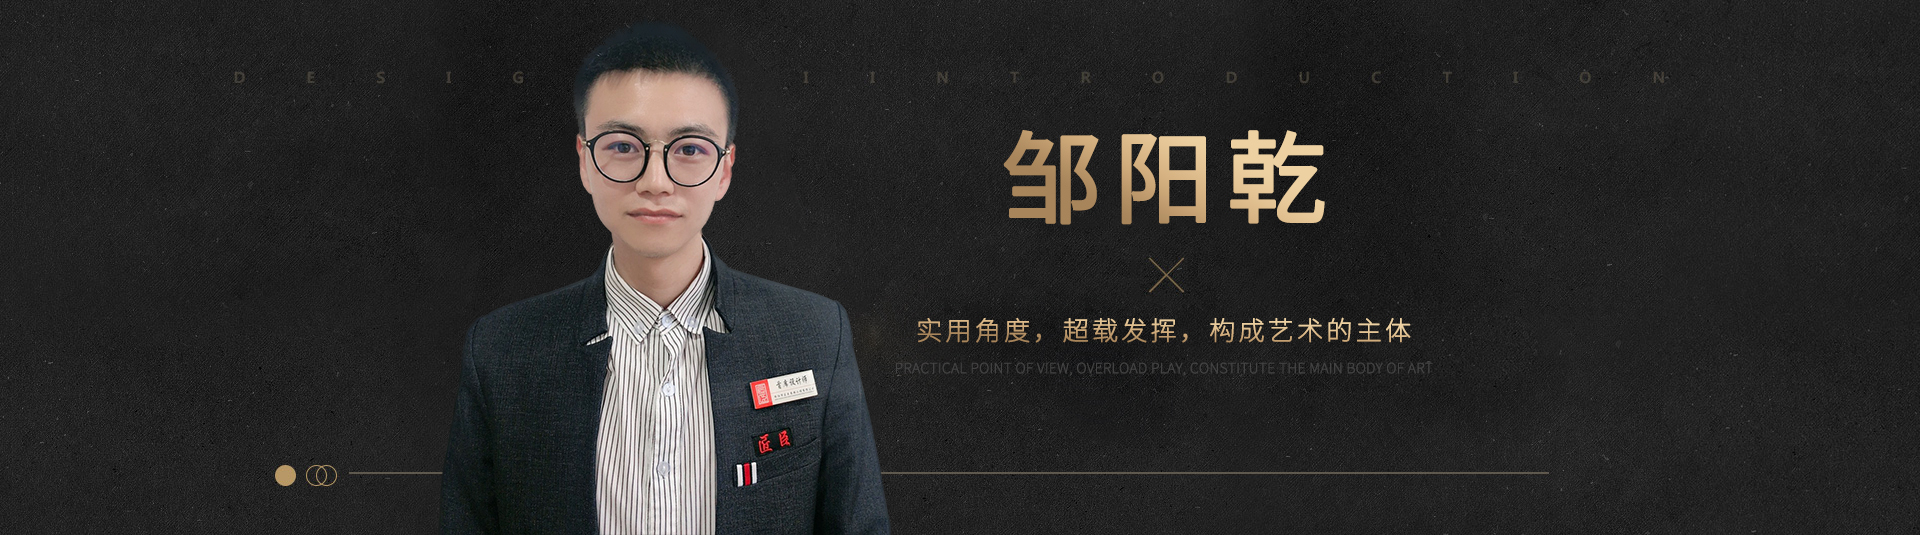 绵阳室内装修设计师邹阳乾_绵阳匠臣装饰装修公司